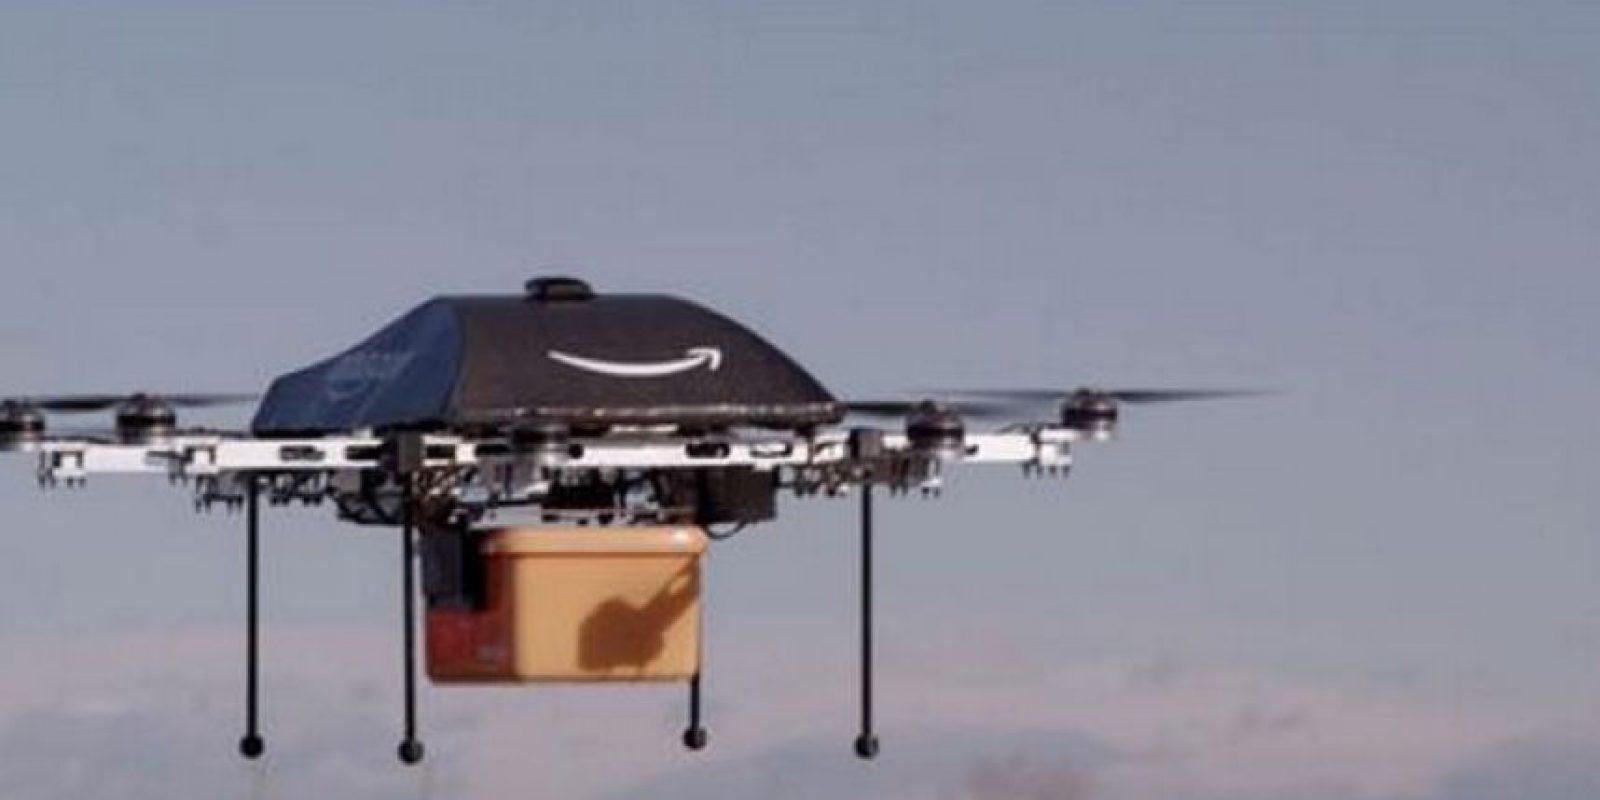 Los drones en un principio fueron creados como armamento bélico Foto:twitter.com/VeganYogaDude/